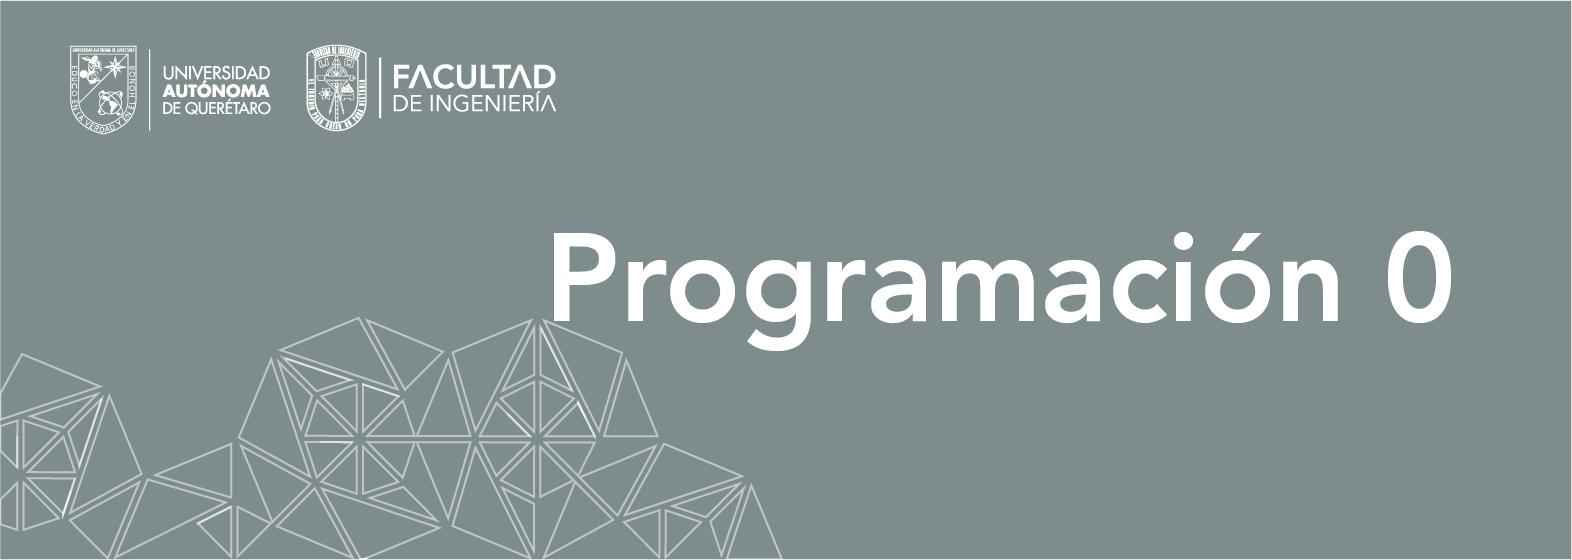 Programación 0